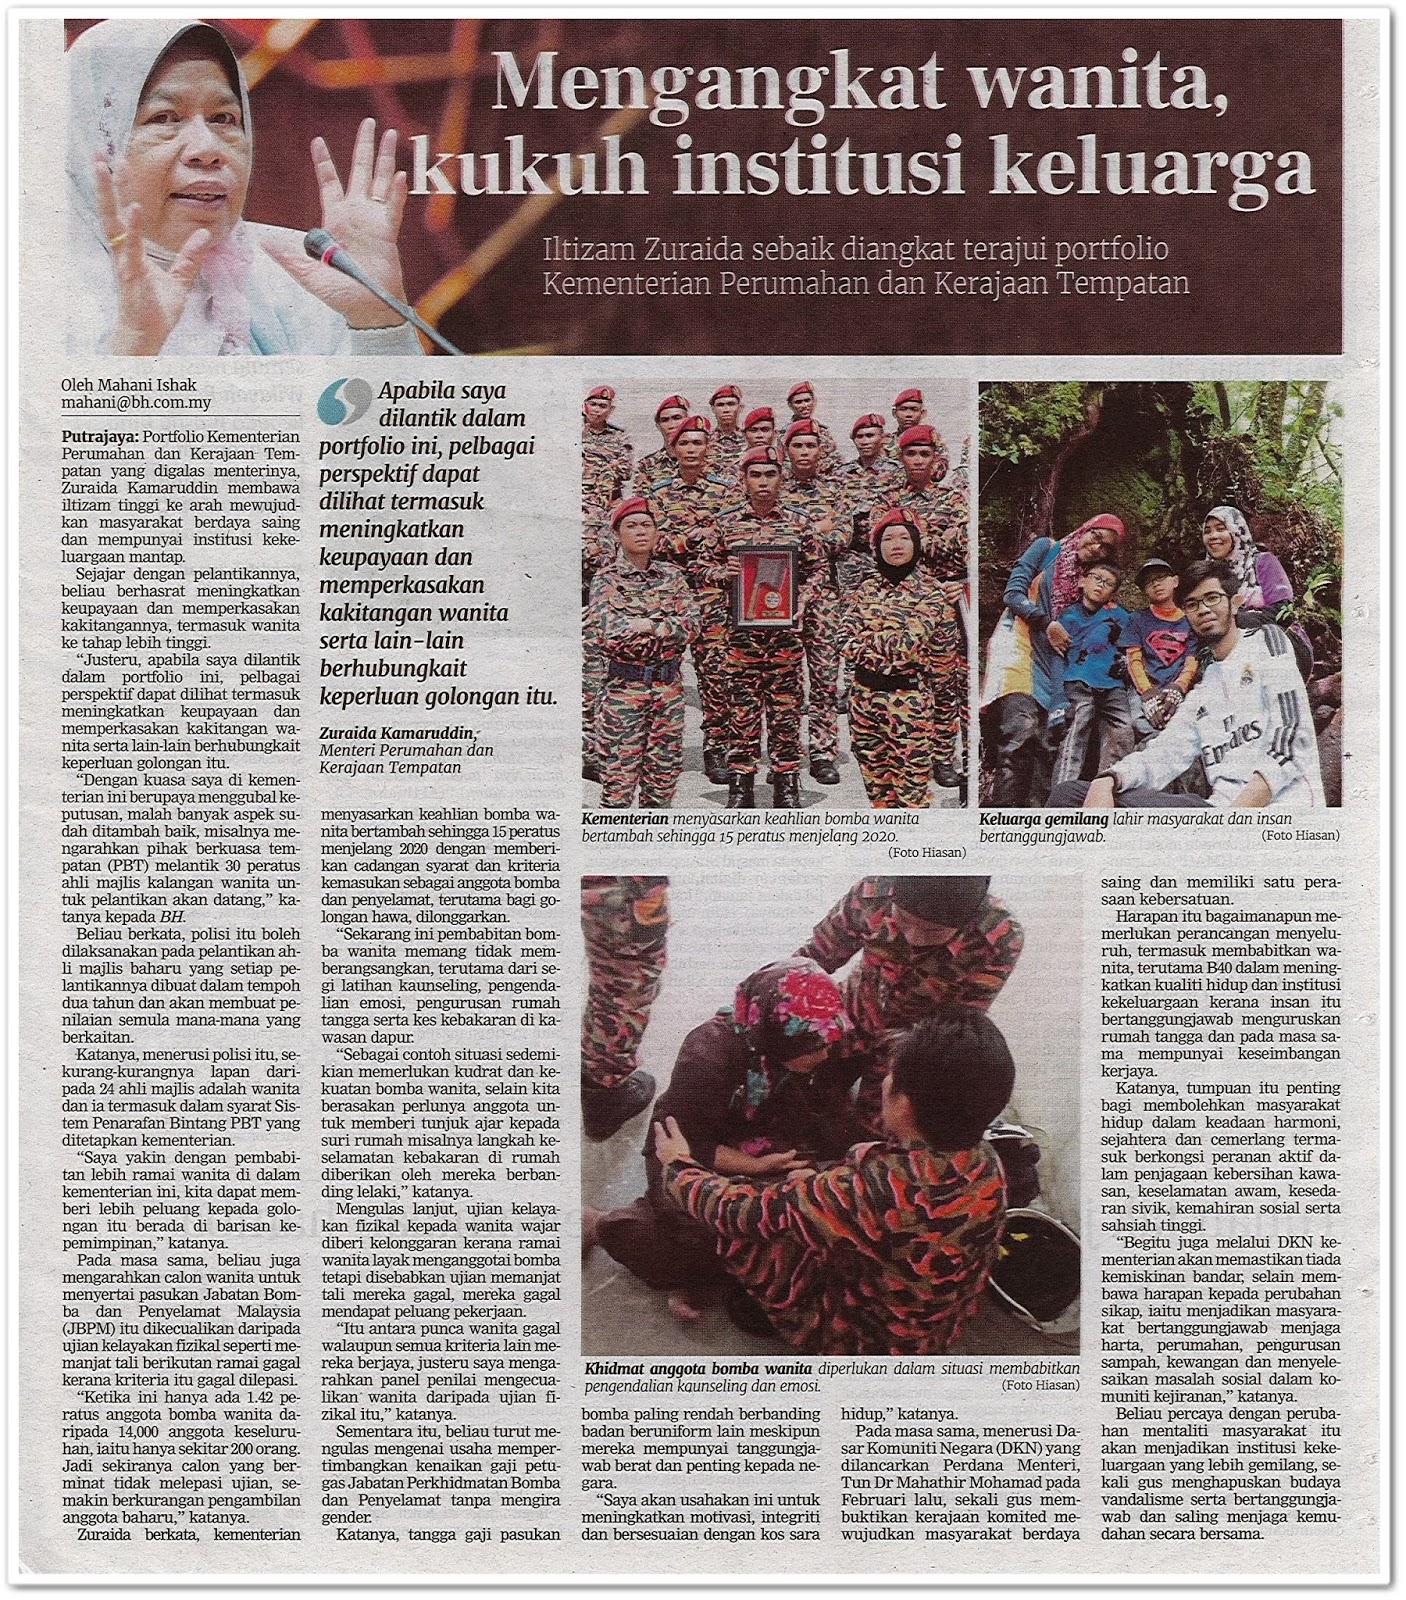 Mengangkat wanita, kukuh institusi keluarga - Keratan akhbar Berita Harian 6 Ogos 2019